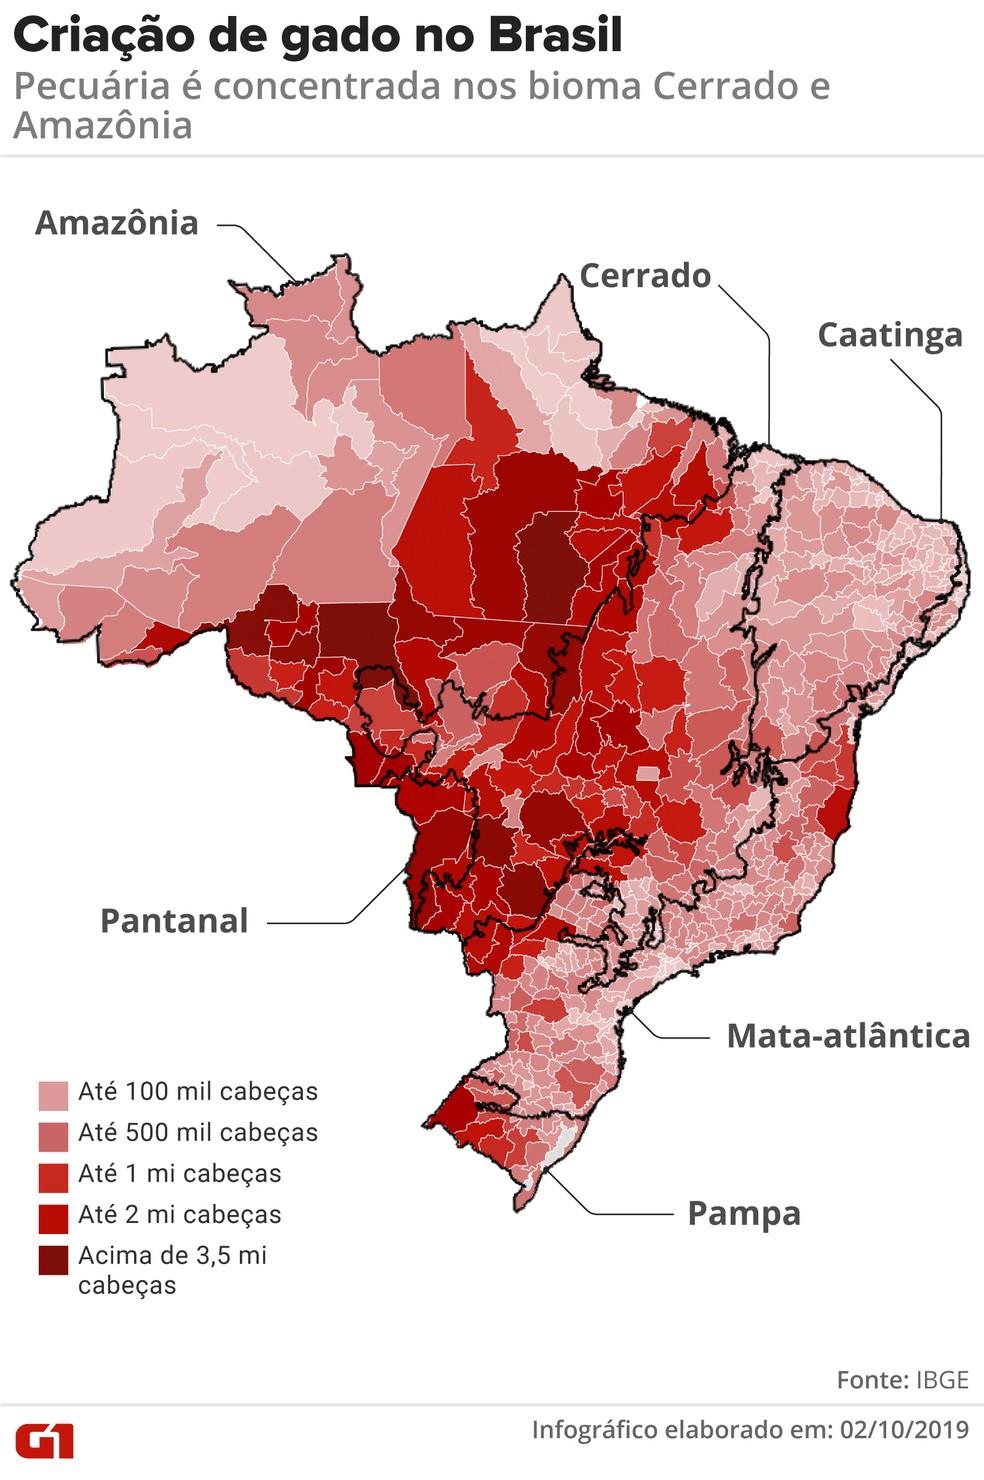 Criação de gado no Brasil se concentra na Amazônia e no cerrado — Foto: Rodrigo Sanches/G1